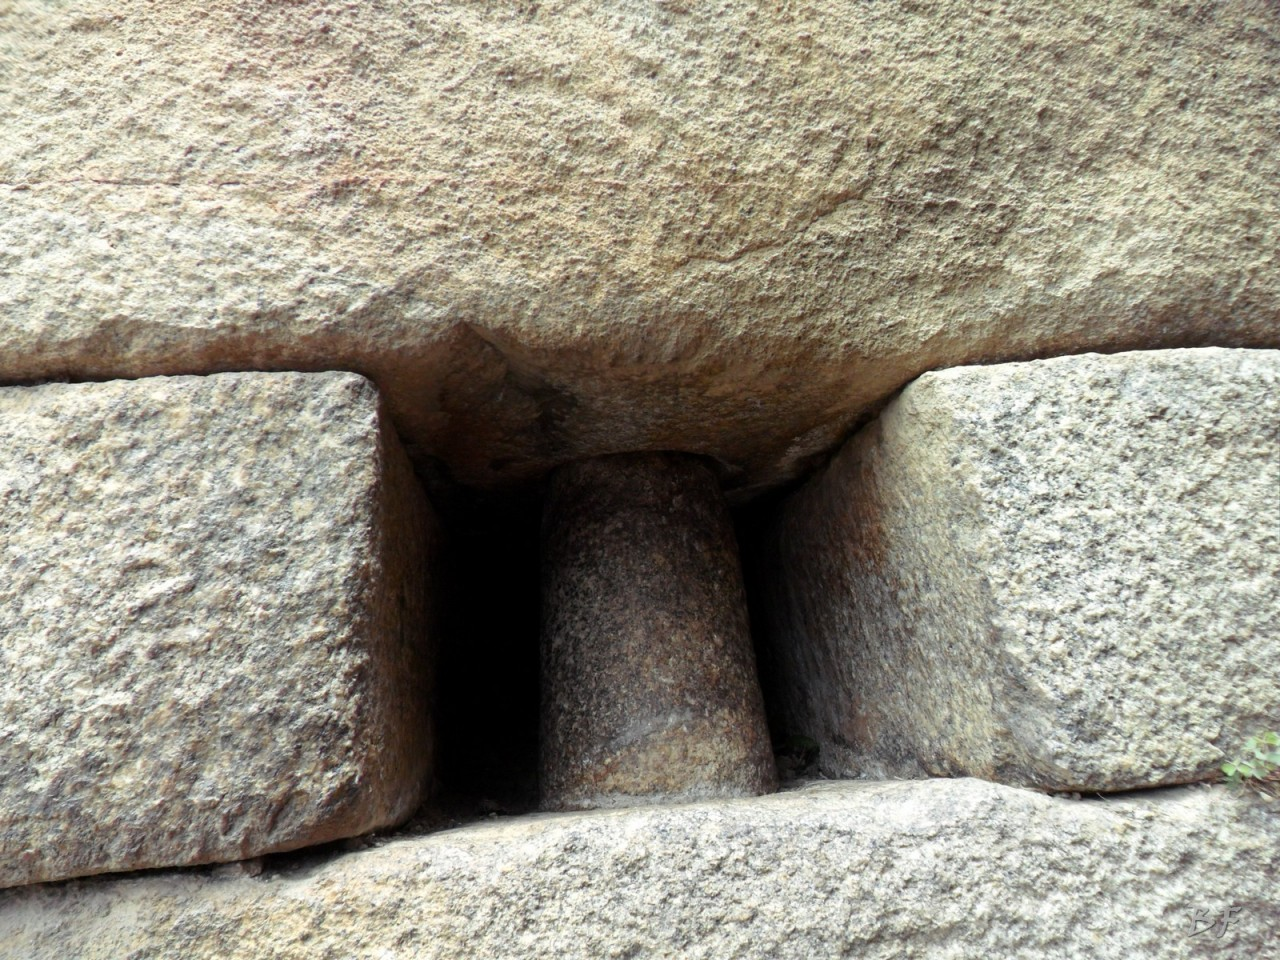 Mura-Poligonali-Incisioni-Altari-Edifici-Rupestri-Megaliti-Machu-Picchu-Aguas-Calientes-Urubamba-Cusco-Perù-78